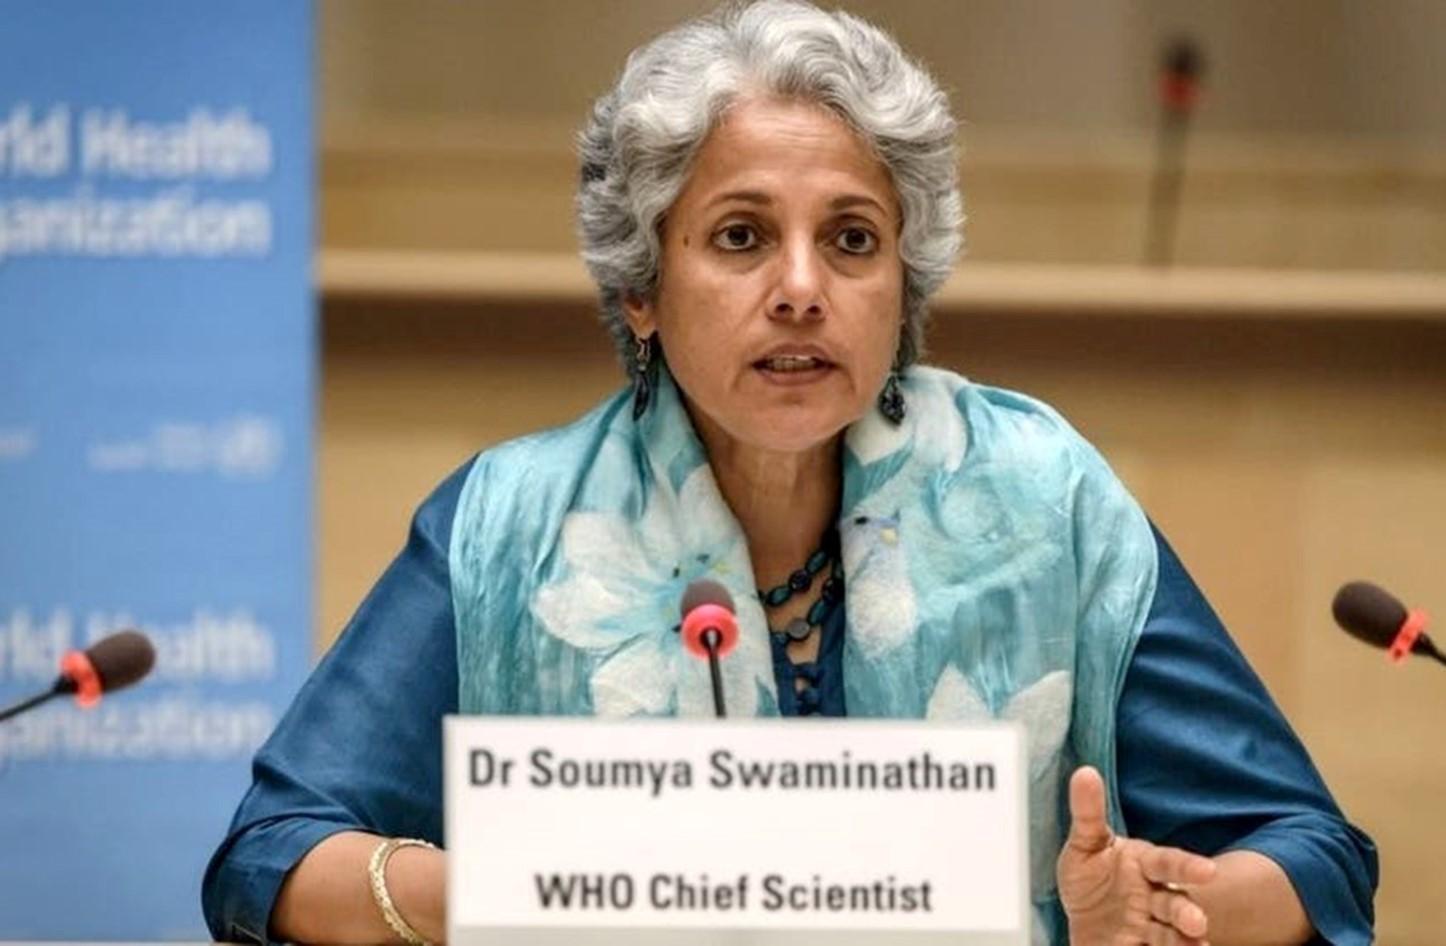 الصحة العالمية: مهتمون بتوسيع التعاون مع روسيا فى تطوير اللقاحات ضد كورونا